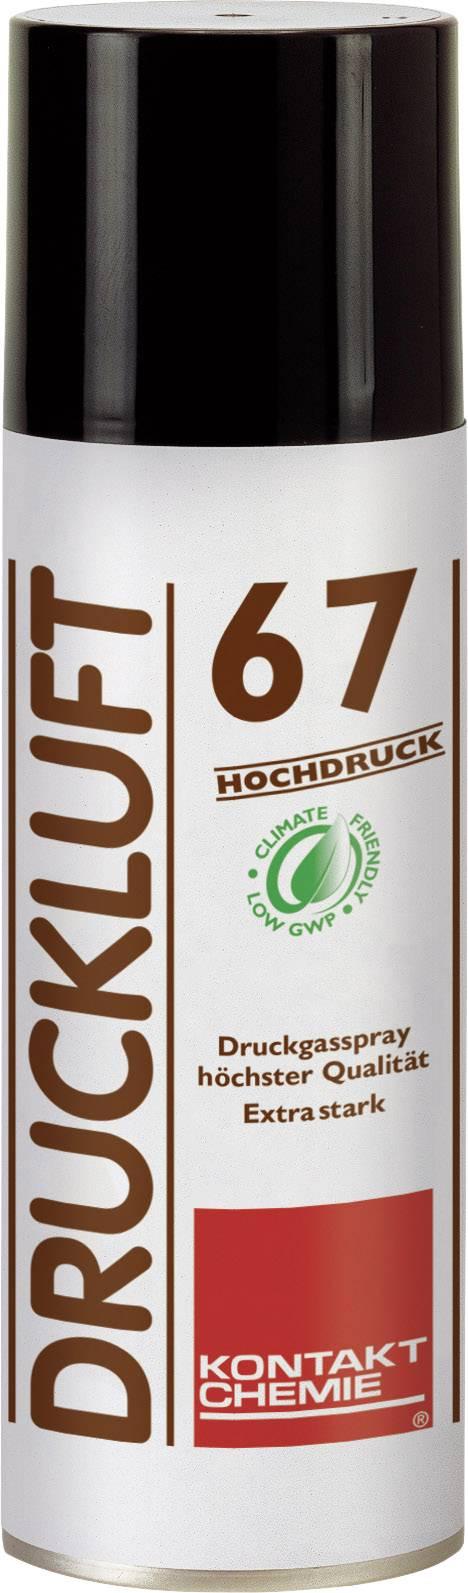 Sprej so stlačeným vzduchom nehorľavý CRC Kontakt Chemie DRUCKLUFT 67 HOCHDRUCK 33165-DE, 340 ml